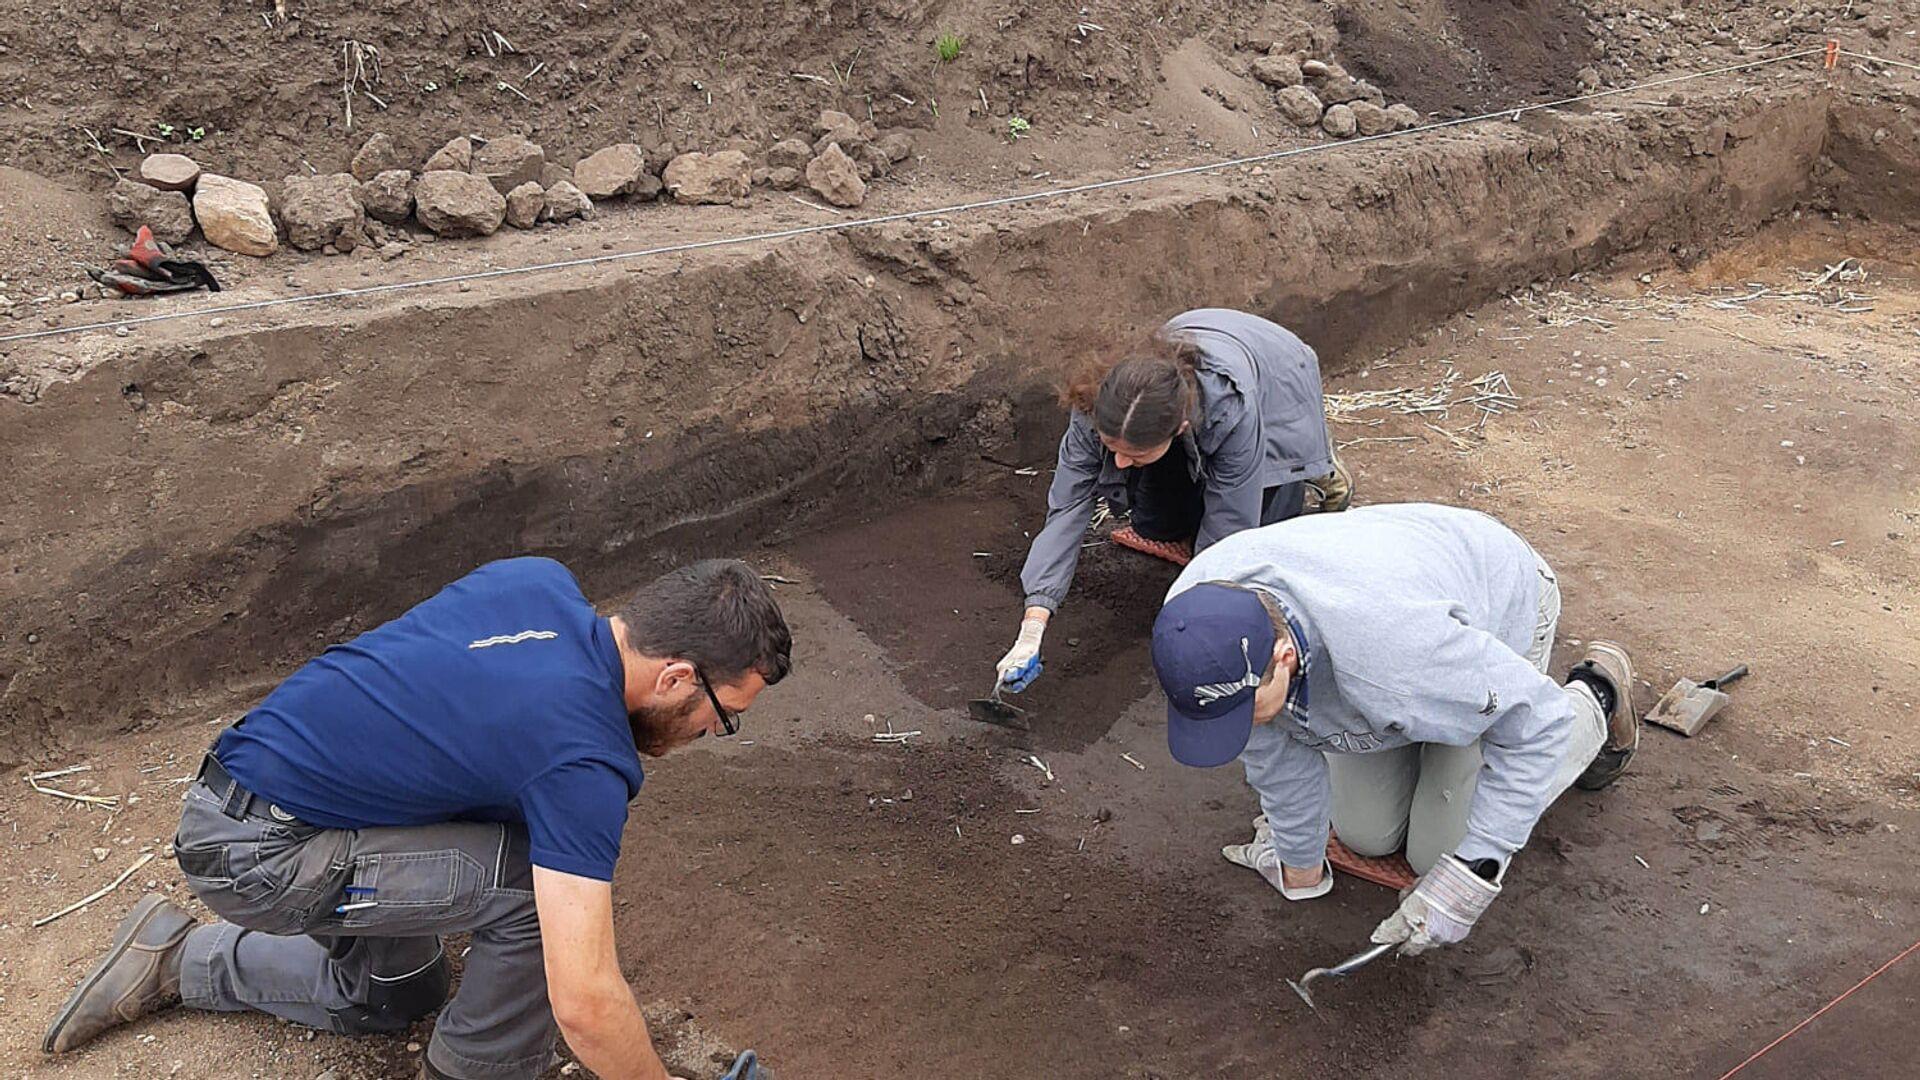 Plzeňští archeologové objevili dětský hrob z doby kamenné - Sputnik Česká republika, 1920, 20.08.2021